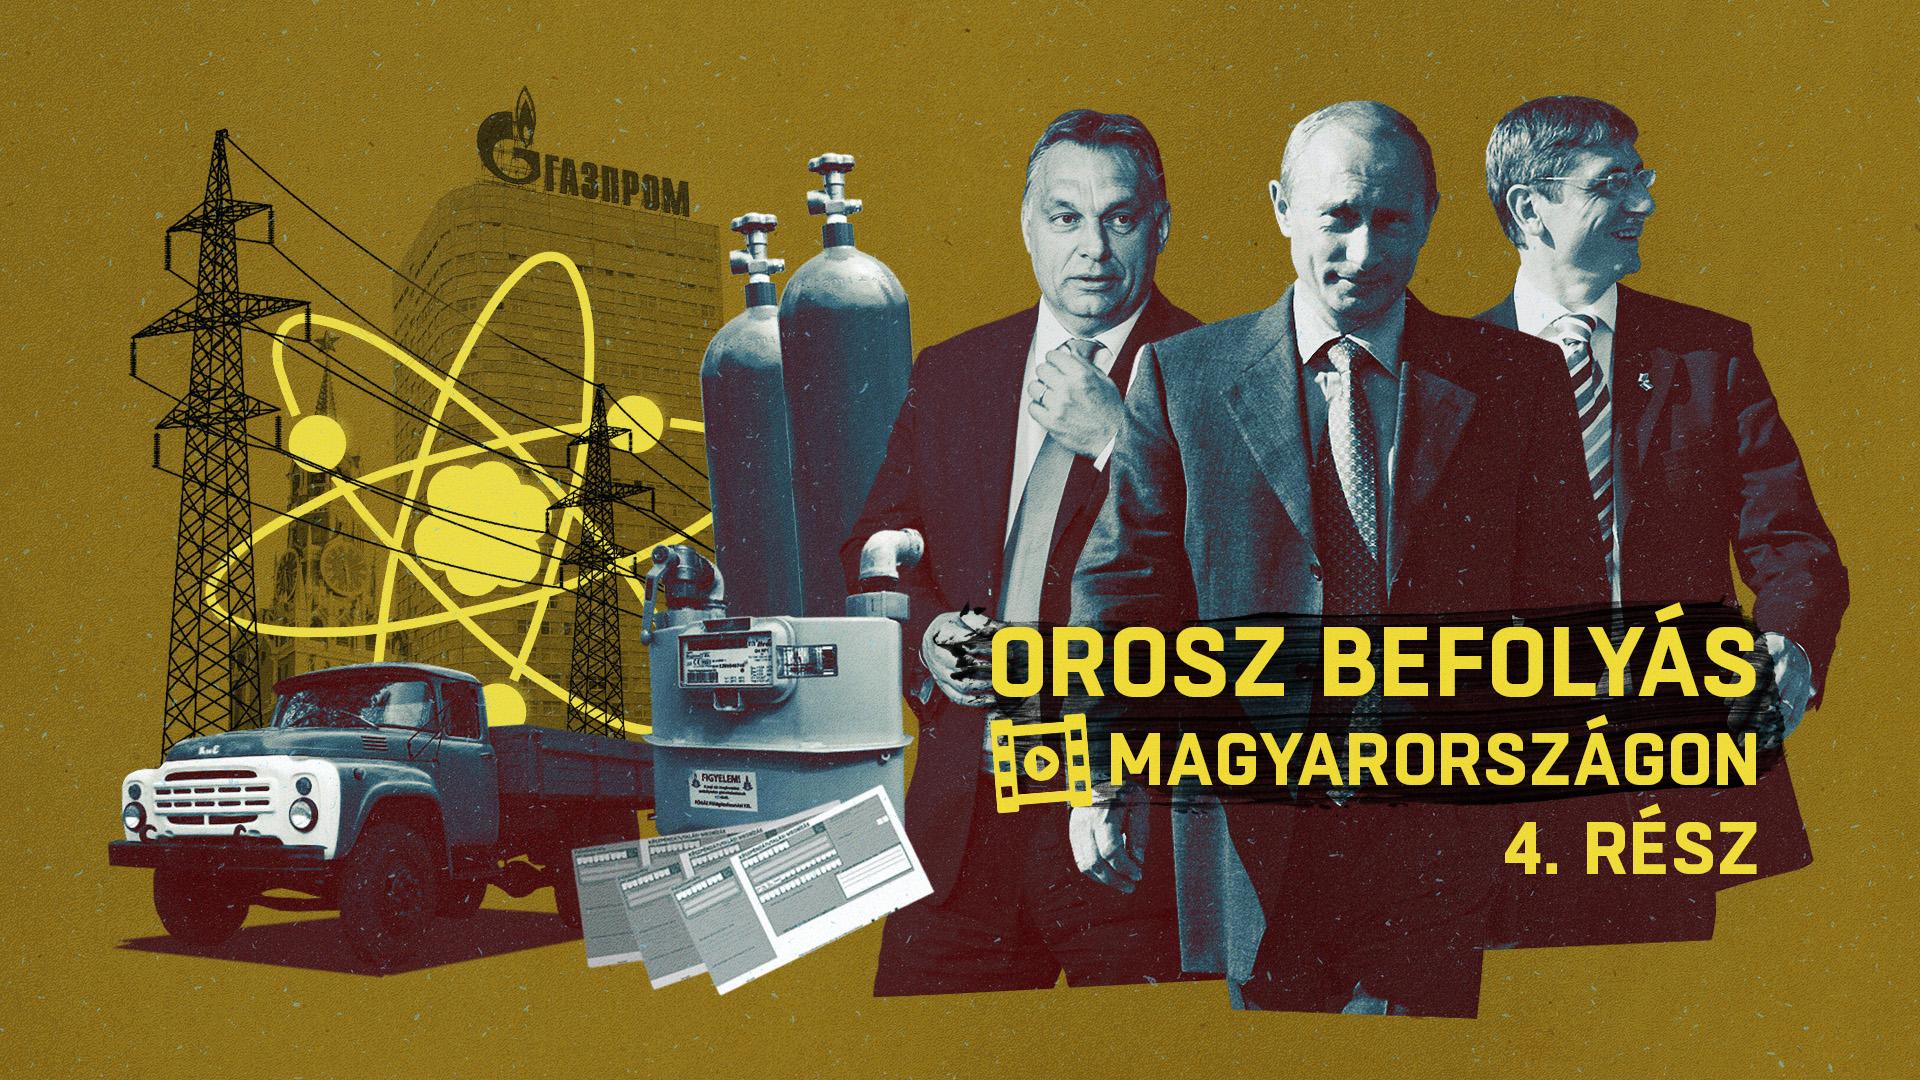 Olajjal, gázzal és atomenergiával terjeszti befolyását Oroszország a világban, mi mindhármat vásároljuk tőlük